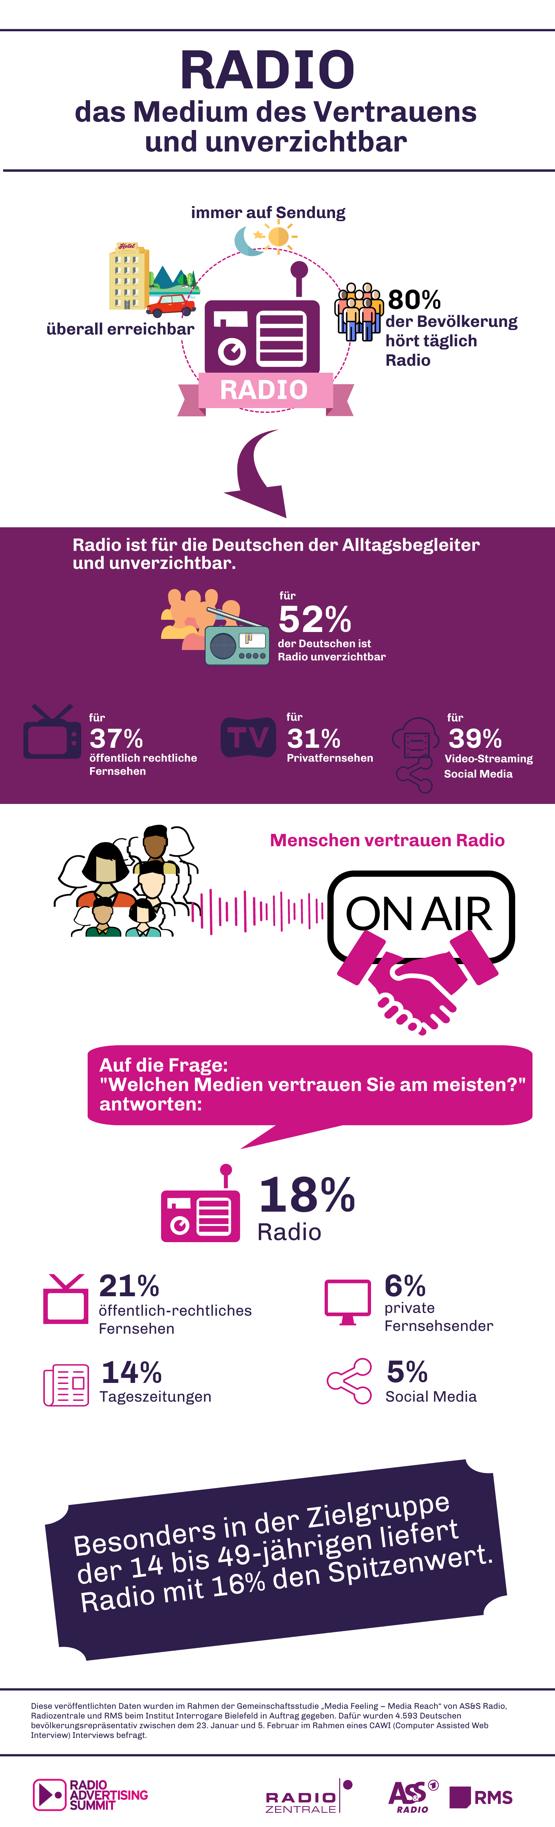 Radio ist für Deutsche unverzichtbar: in Krisenzeiten essentielles Vertrauensmedium